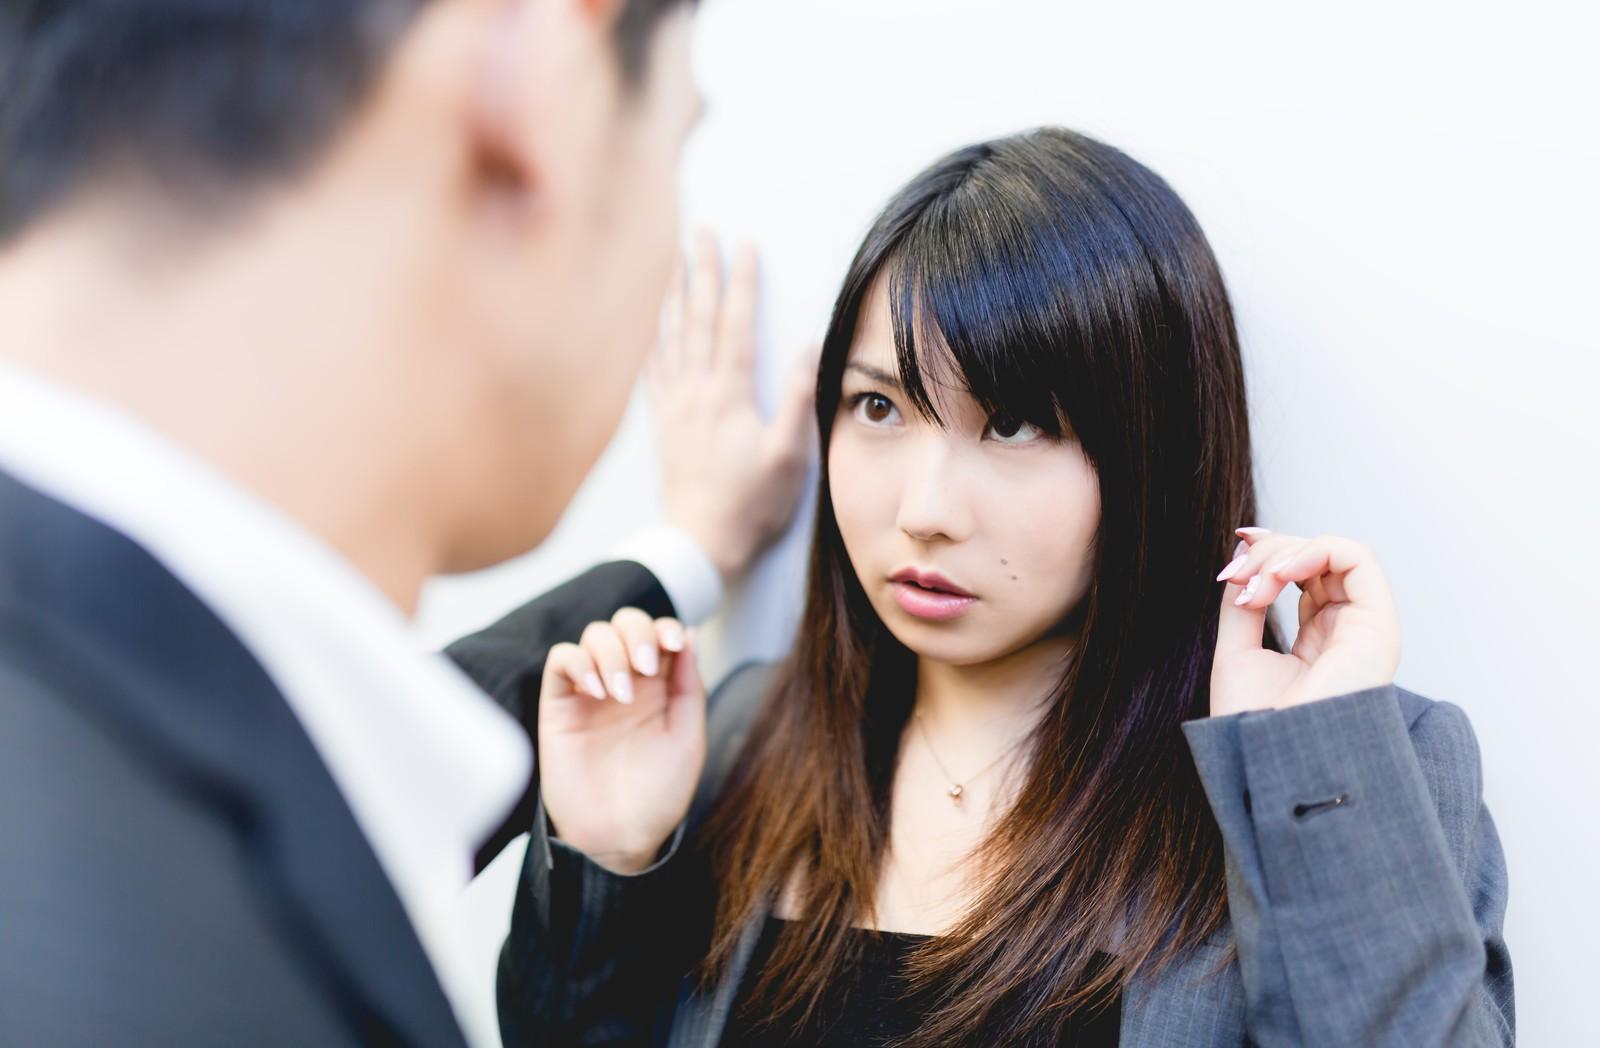 男からの愛の告白はセクハラなのか 女性「キモ男に告られたら訴える」